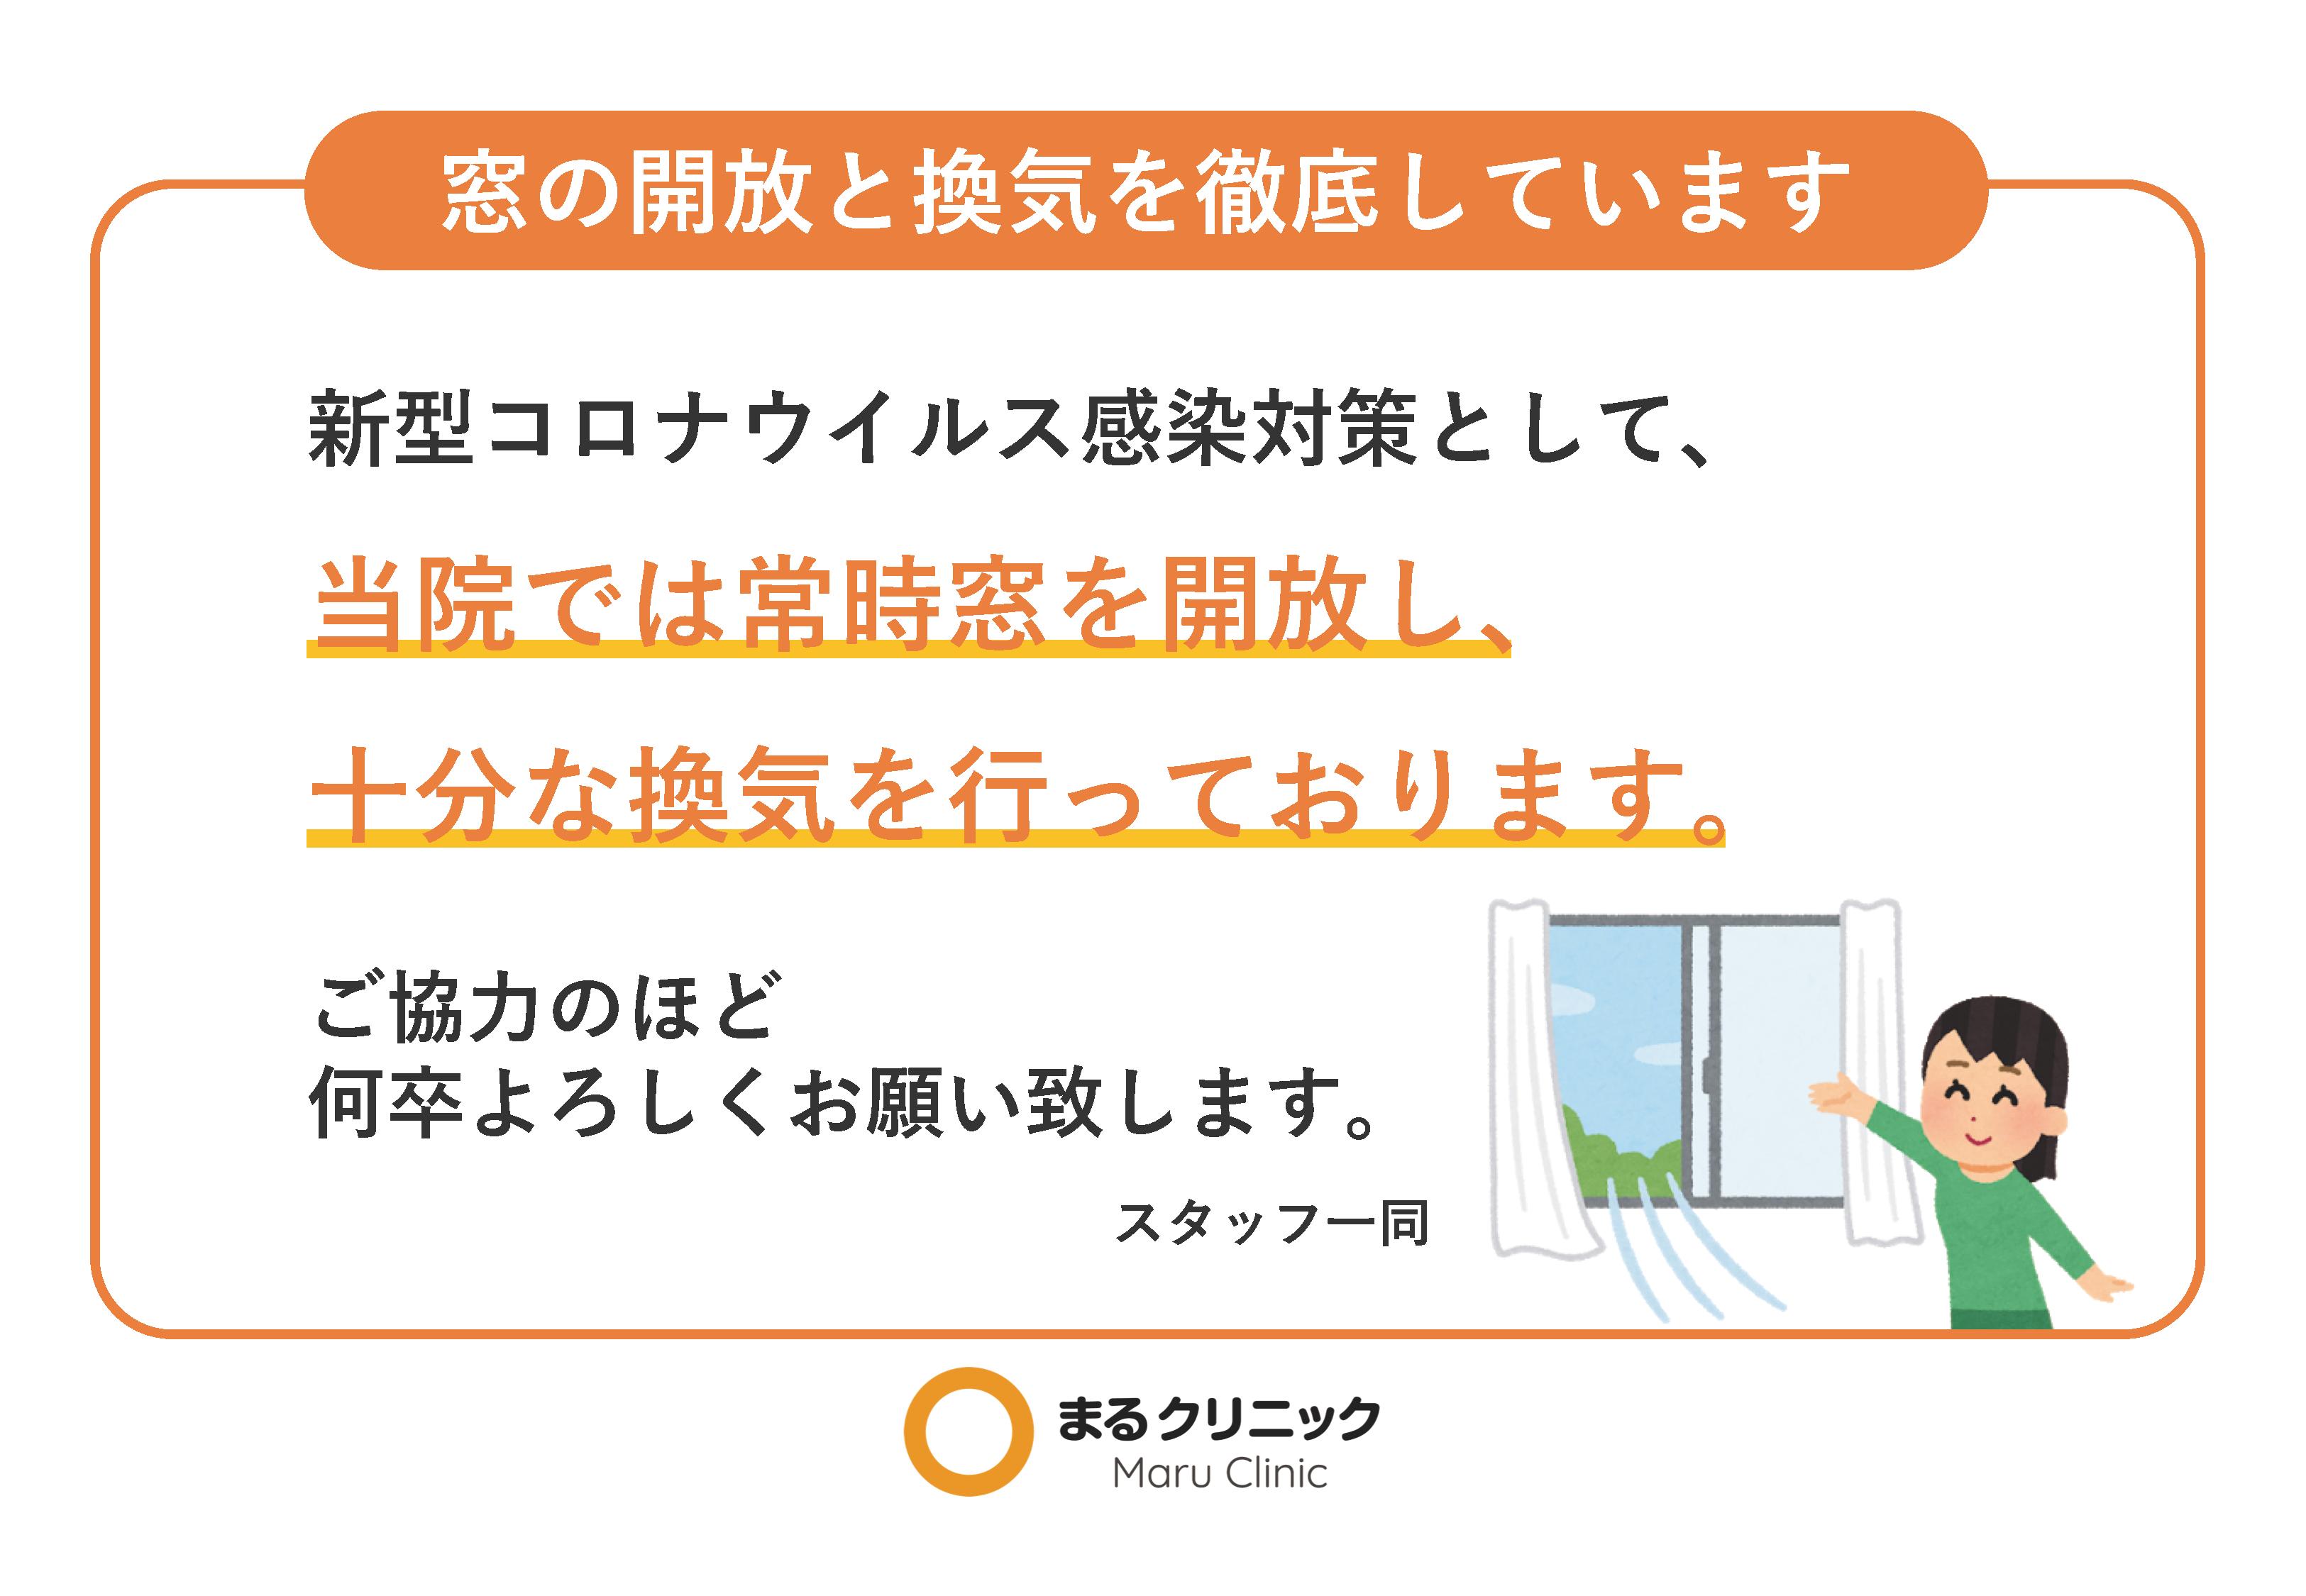 換気について 【新型コロナウイルス対策ツール】